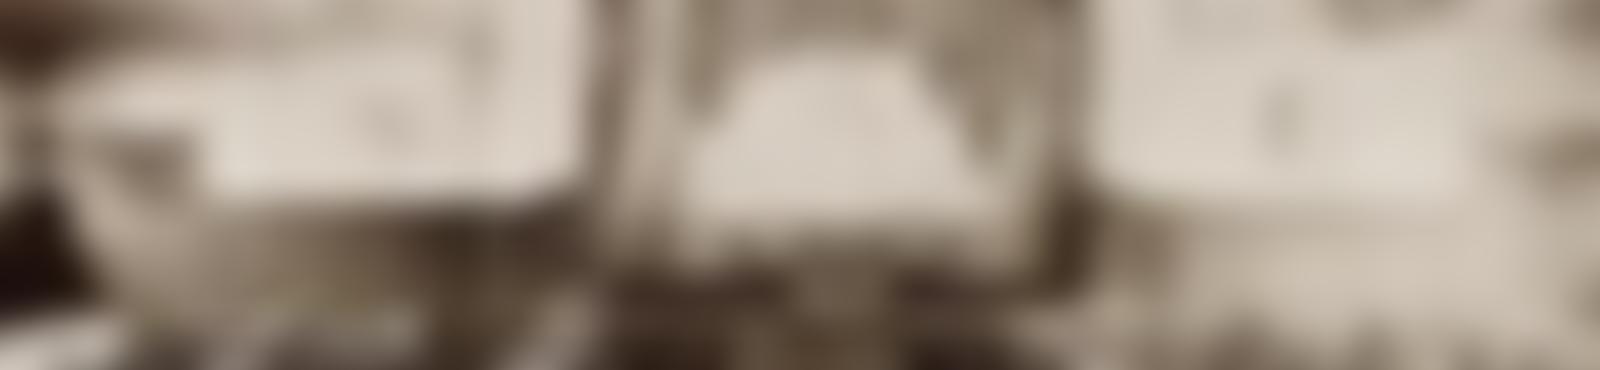 Blurred 201506031723410436